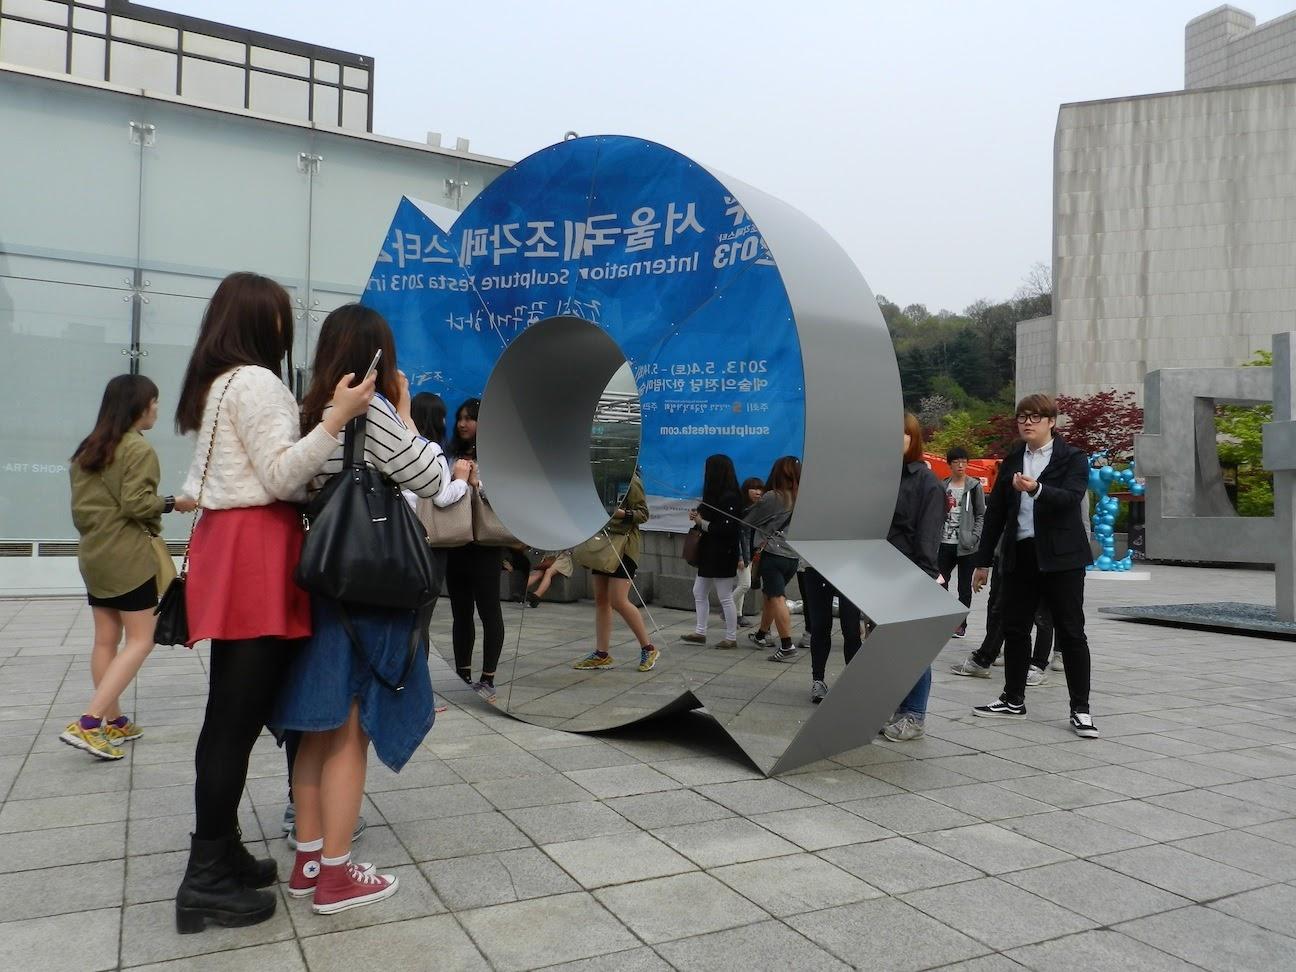 SEOUL ART CENTER